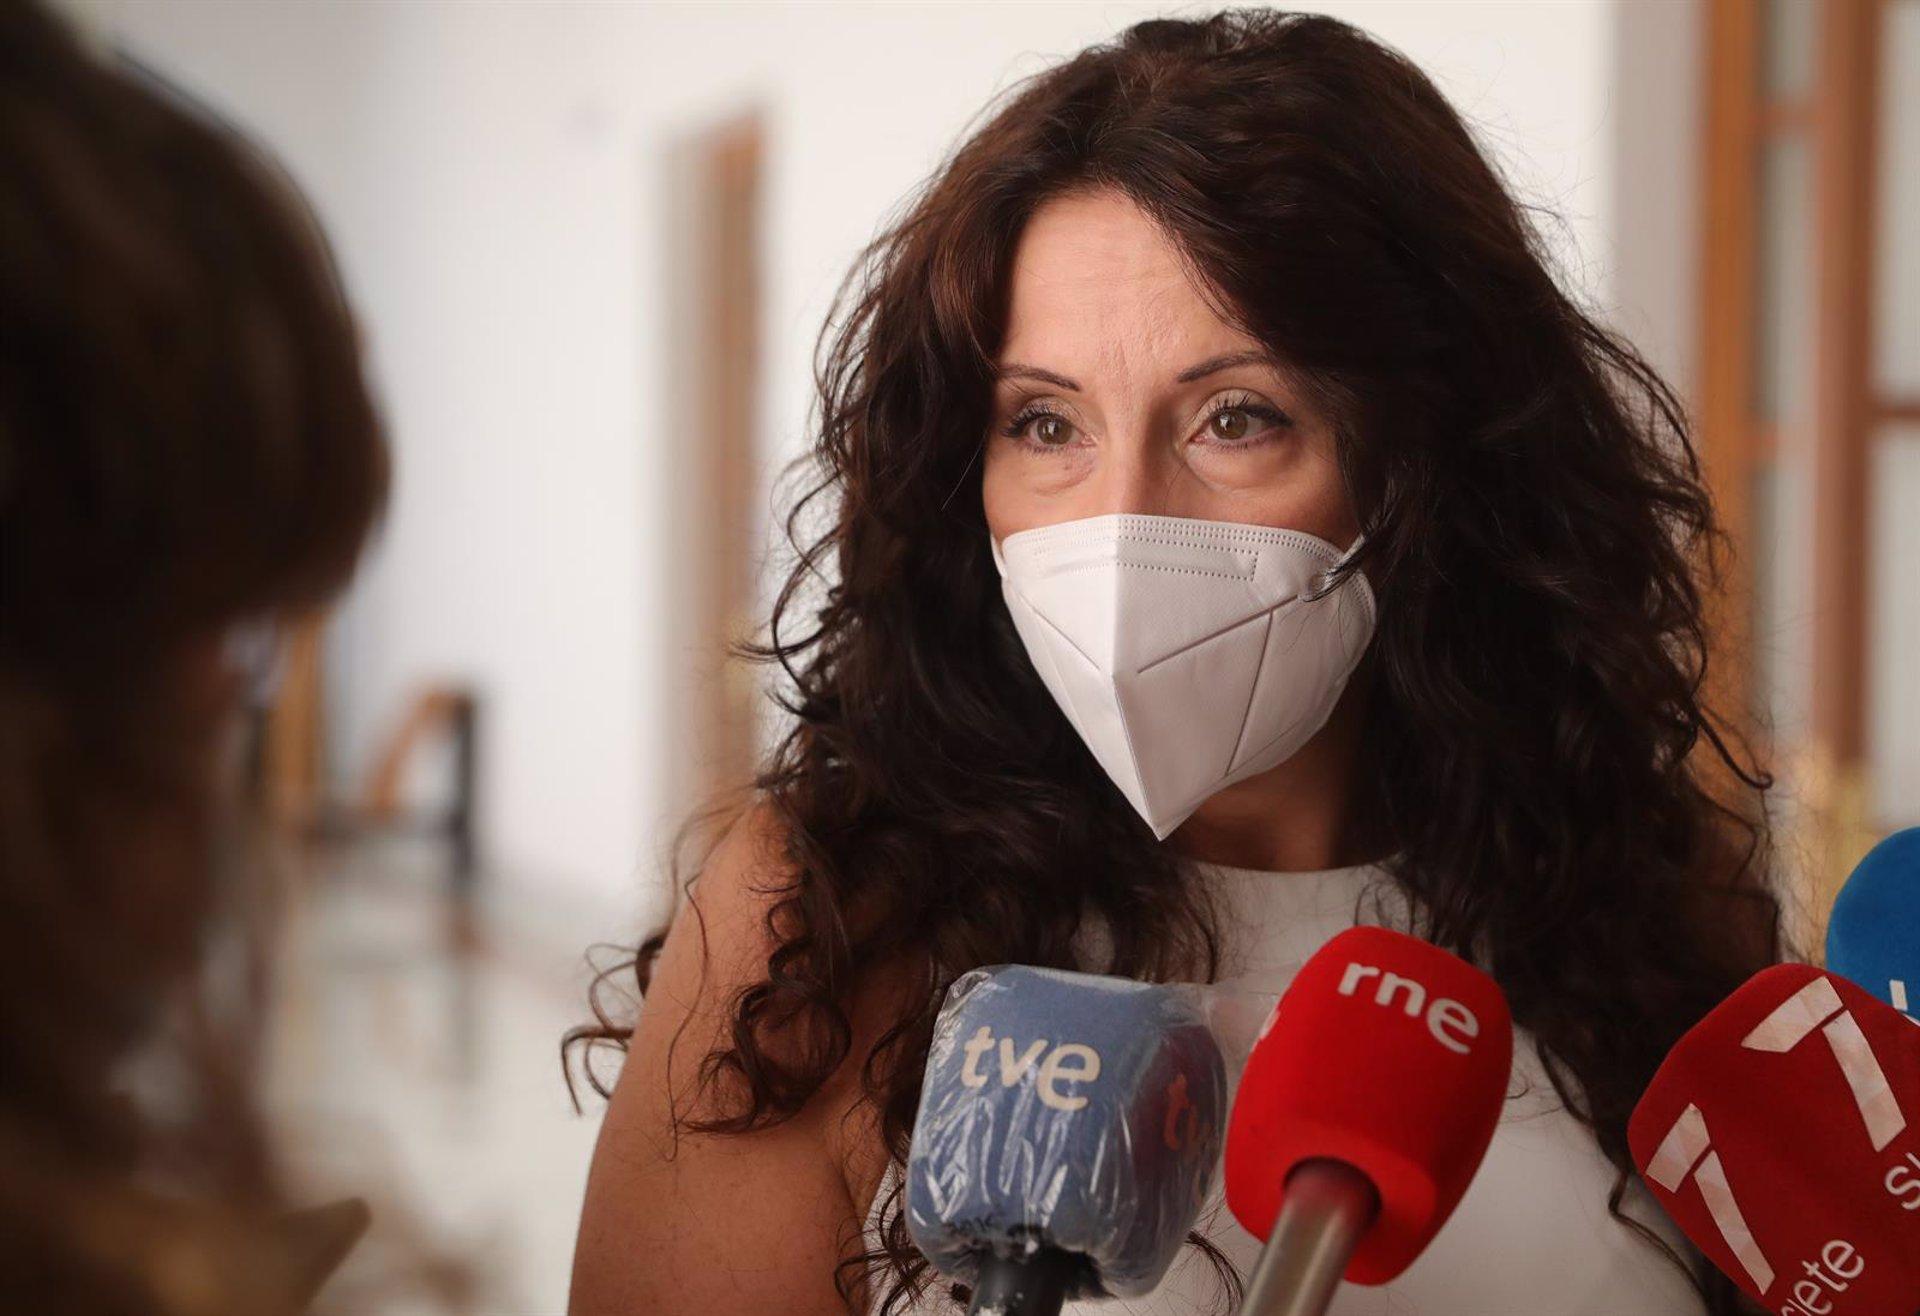 La Junta resalta que no vetó el espectáculo de Baza y que informó sobre derechos de personas con acondroplasia